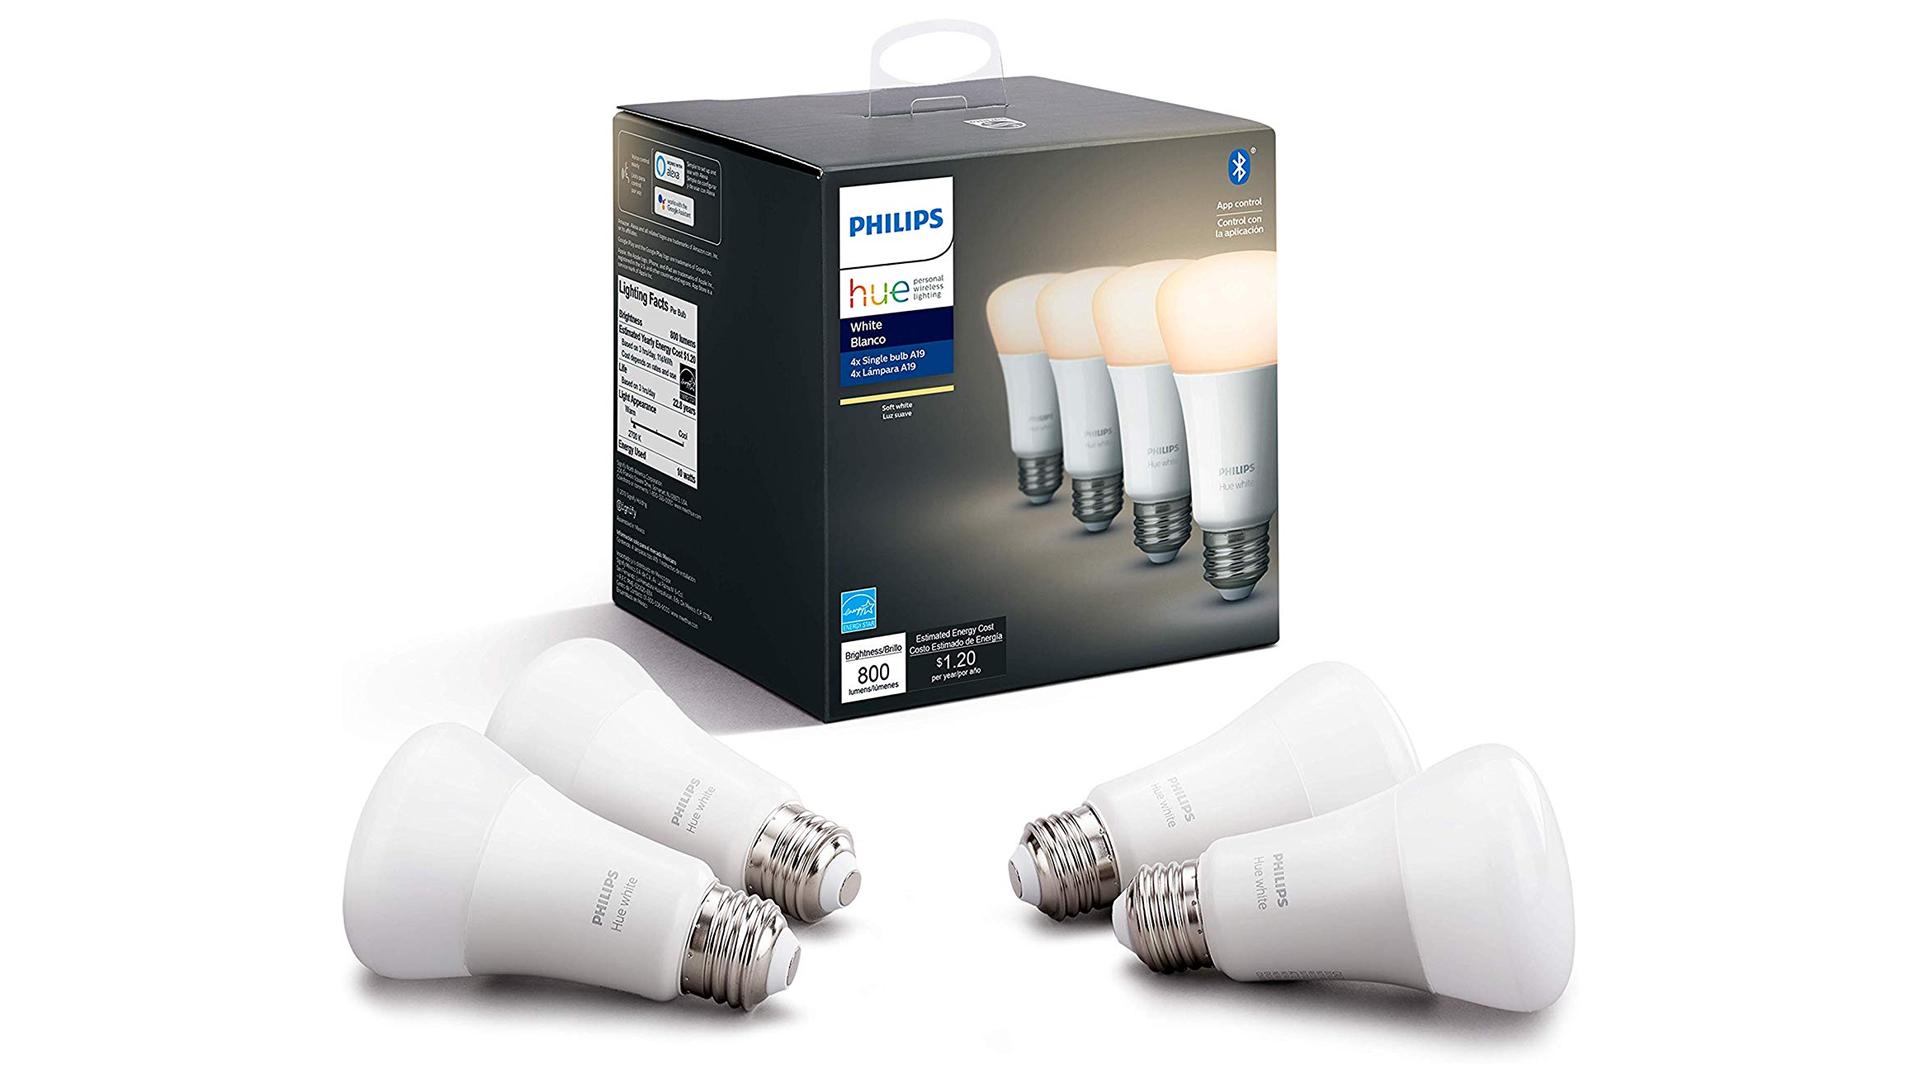 A set of Philips Hue bulbs.